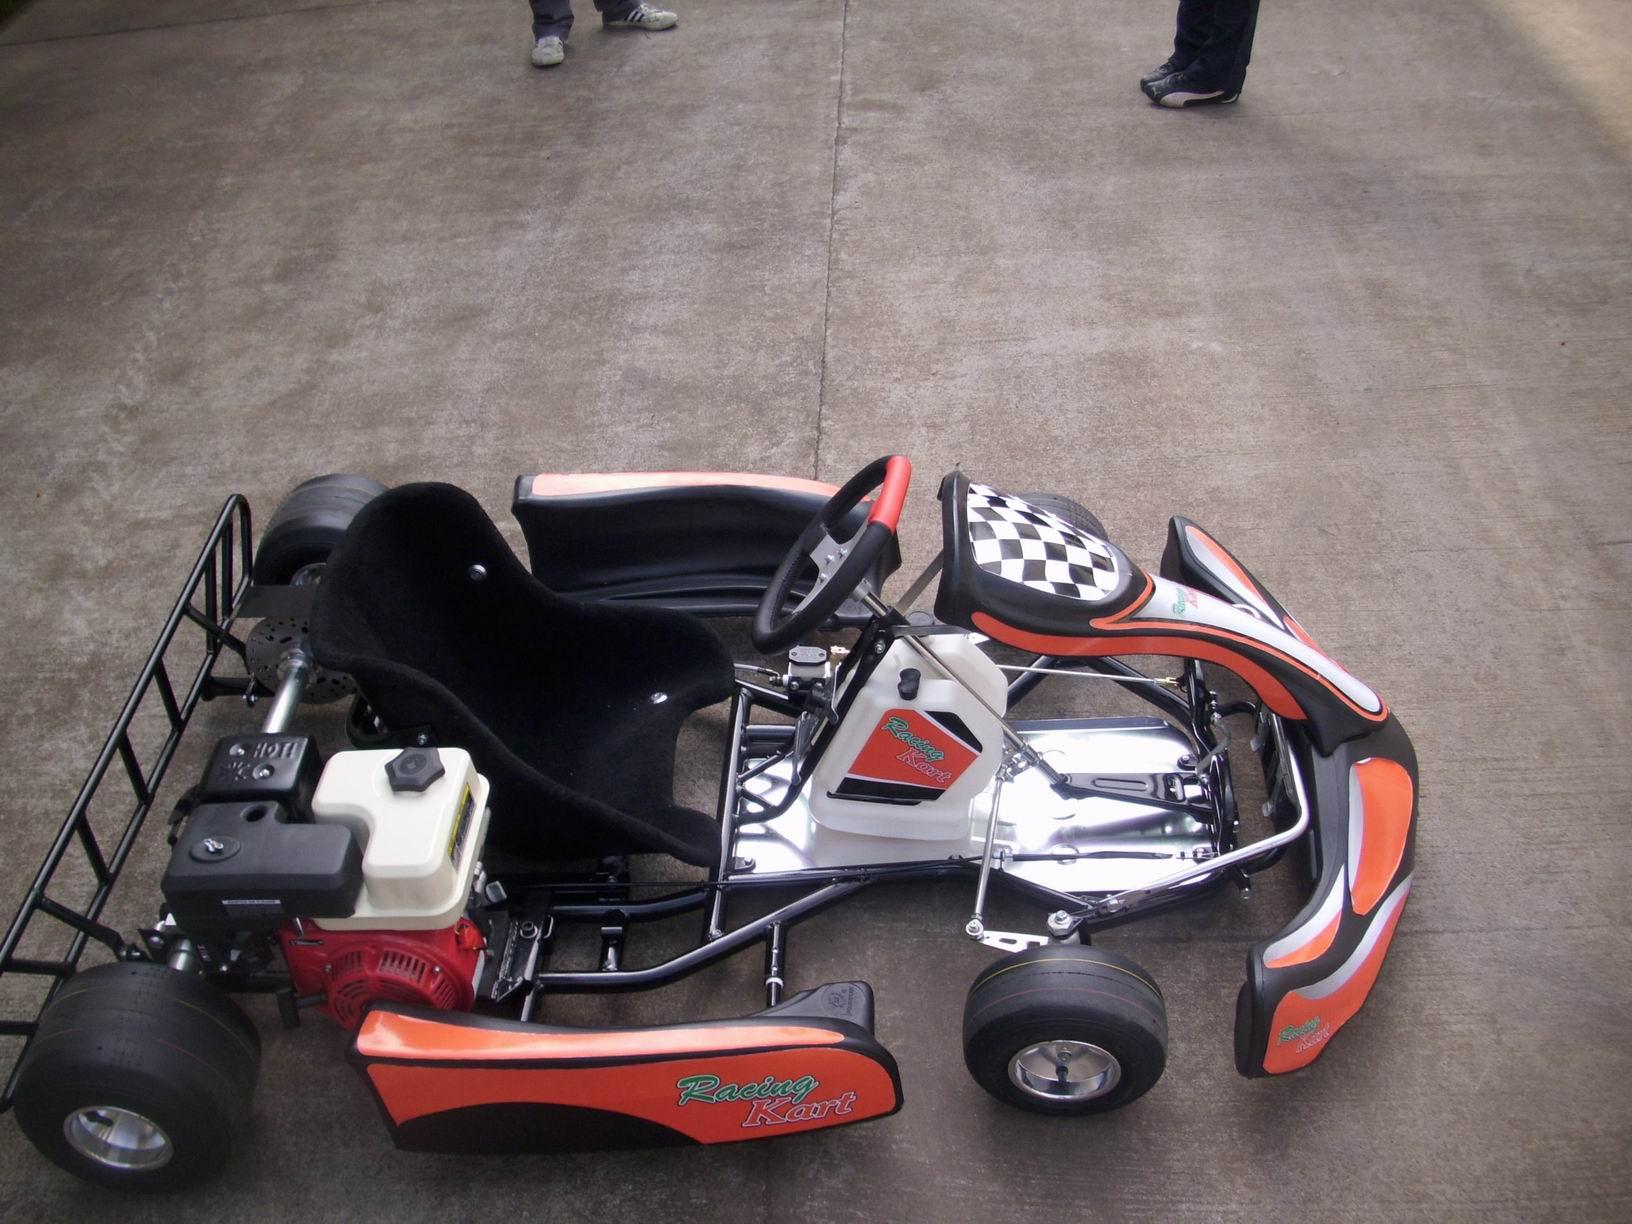 Racing Go Kart (SX-G1101)